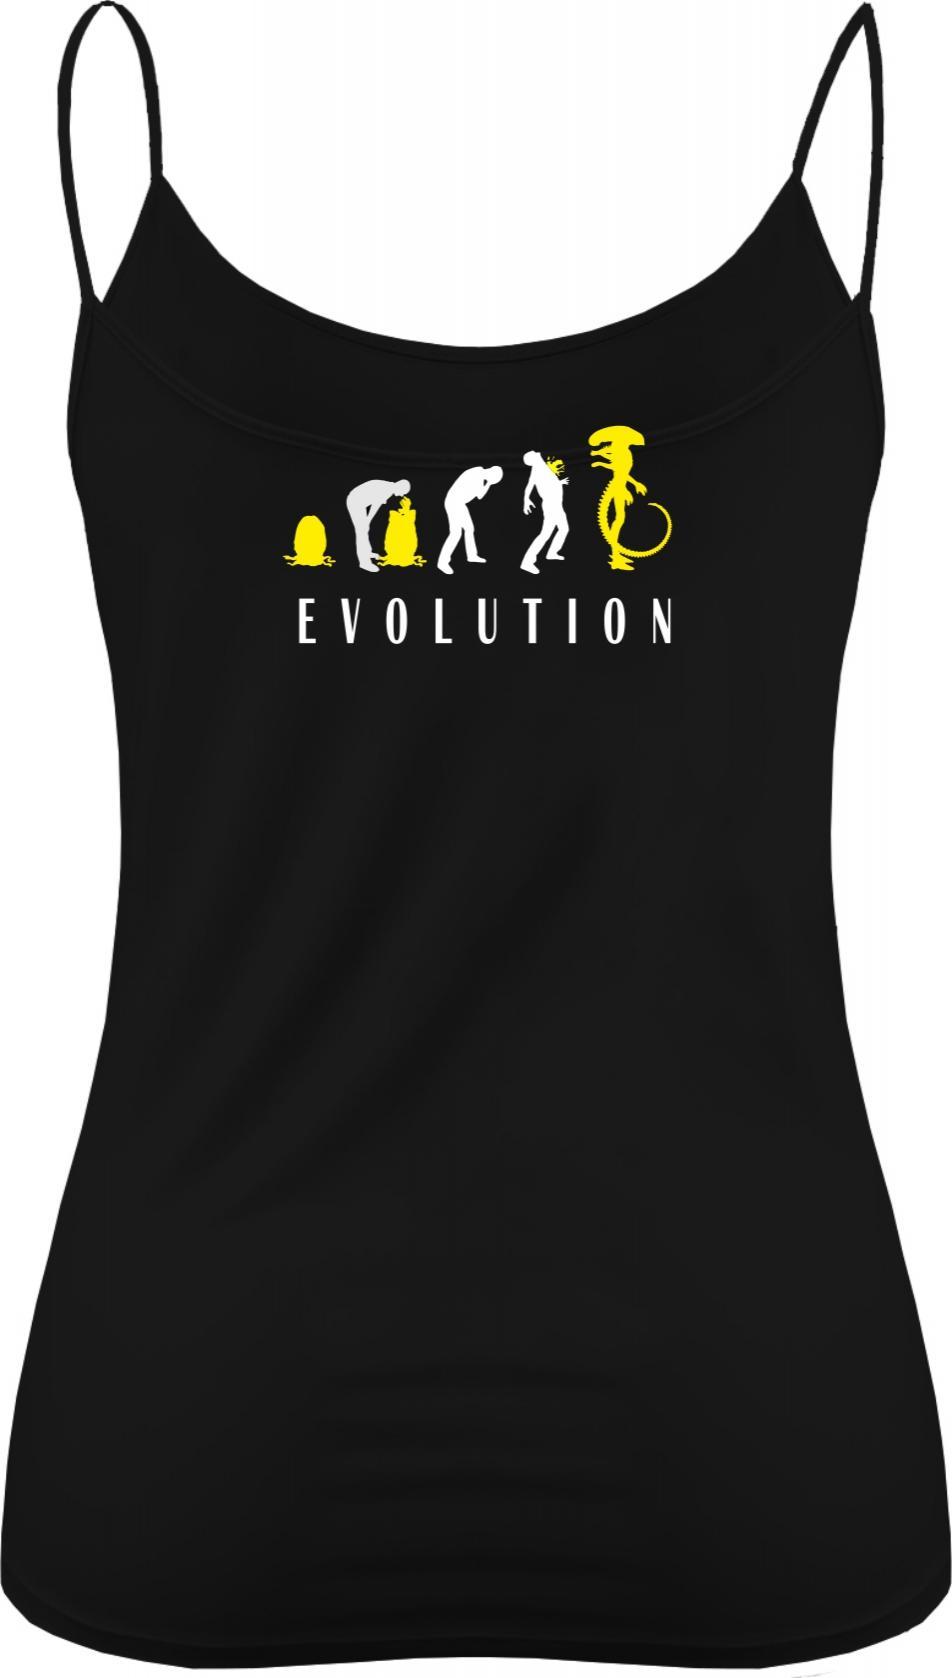 TIRANTES FINOS EVOLUTION ALIEN